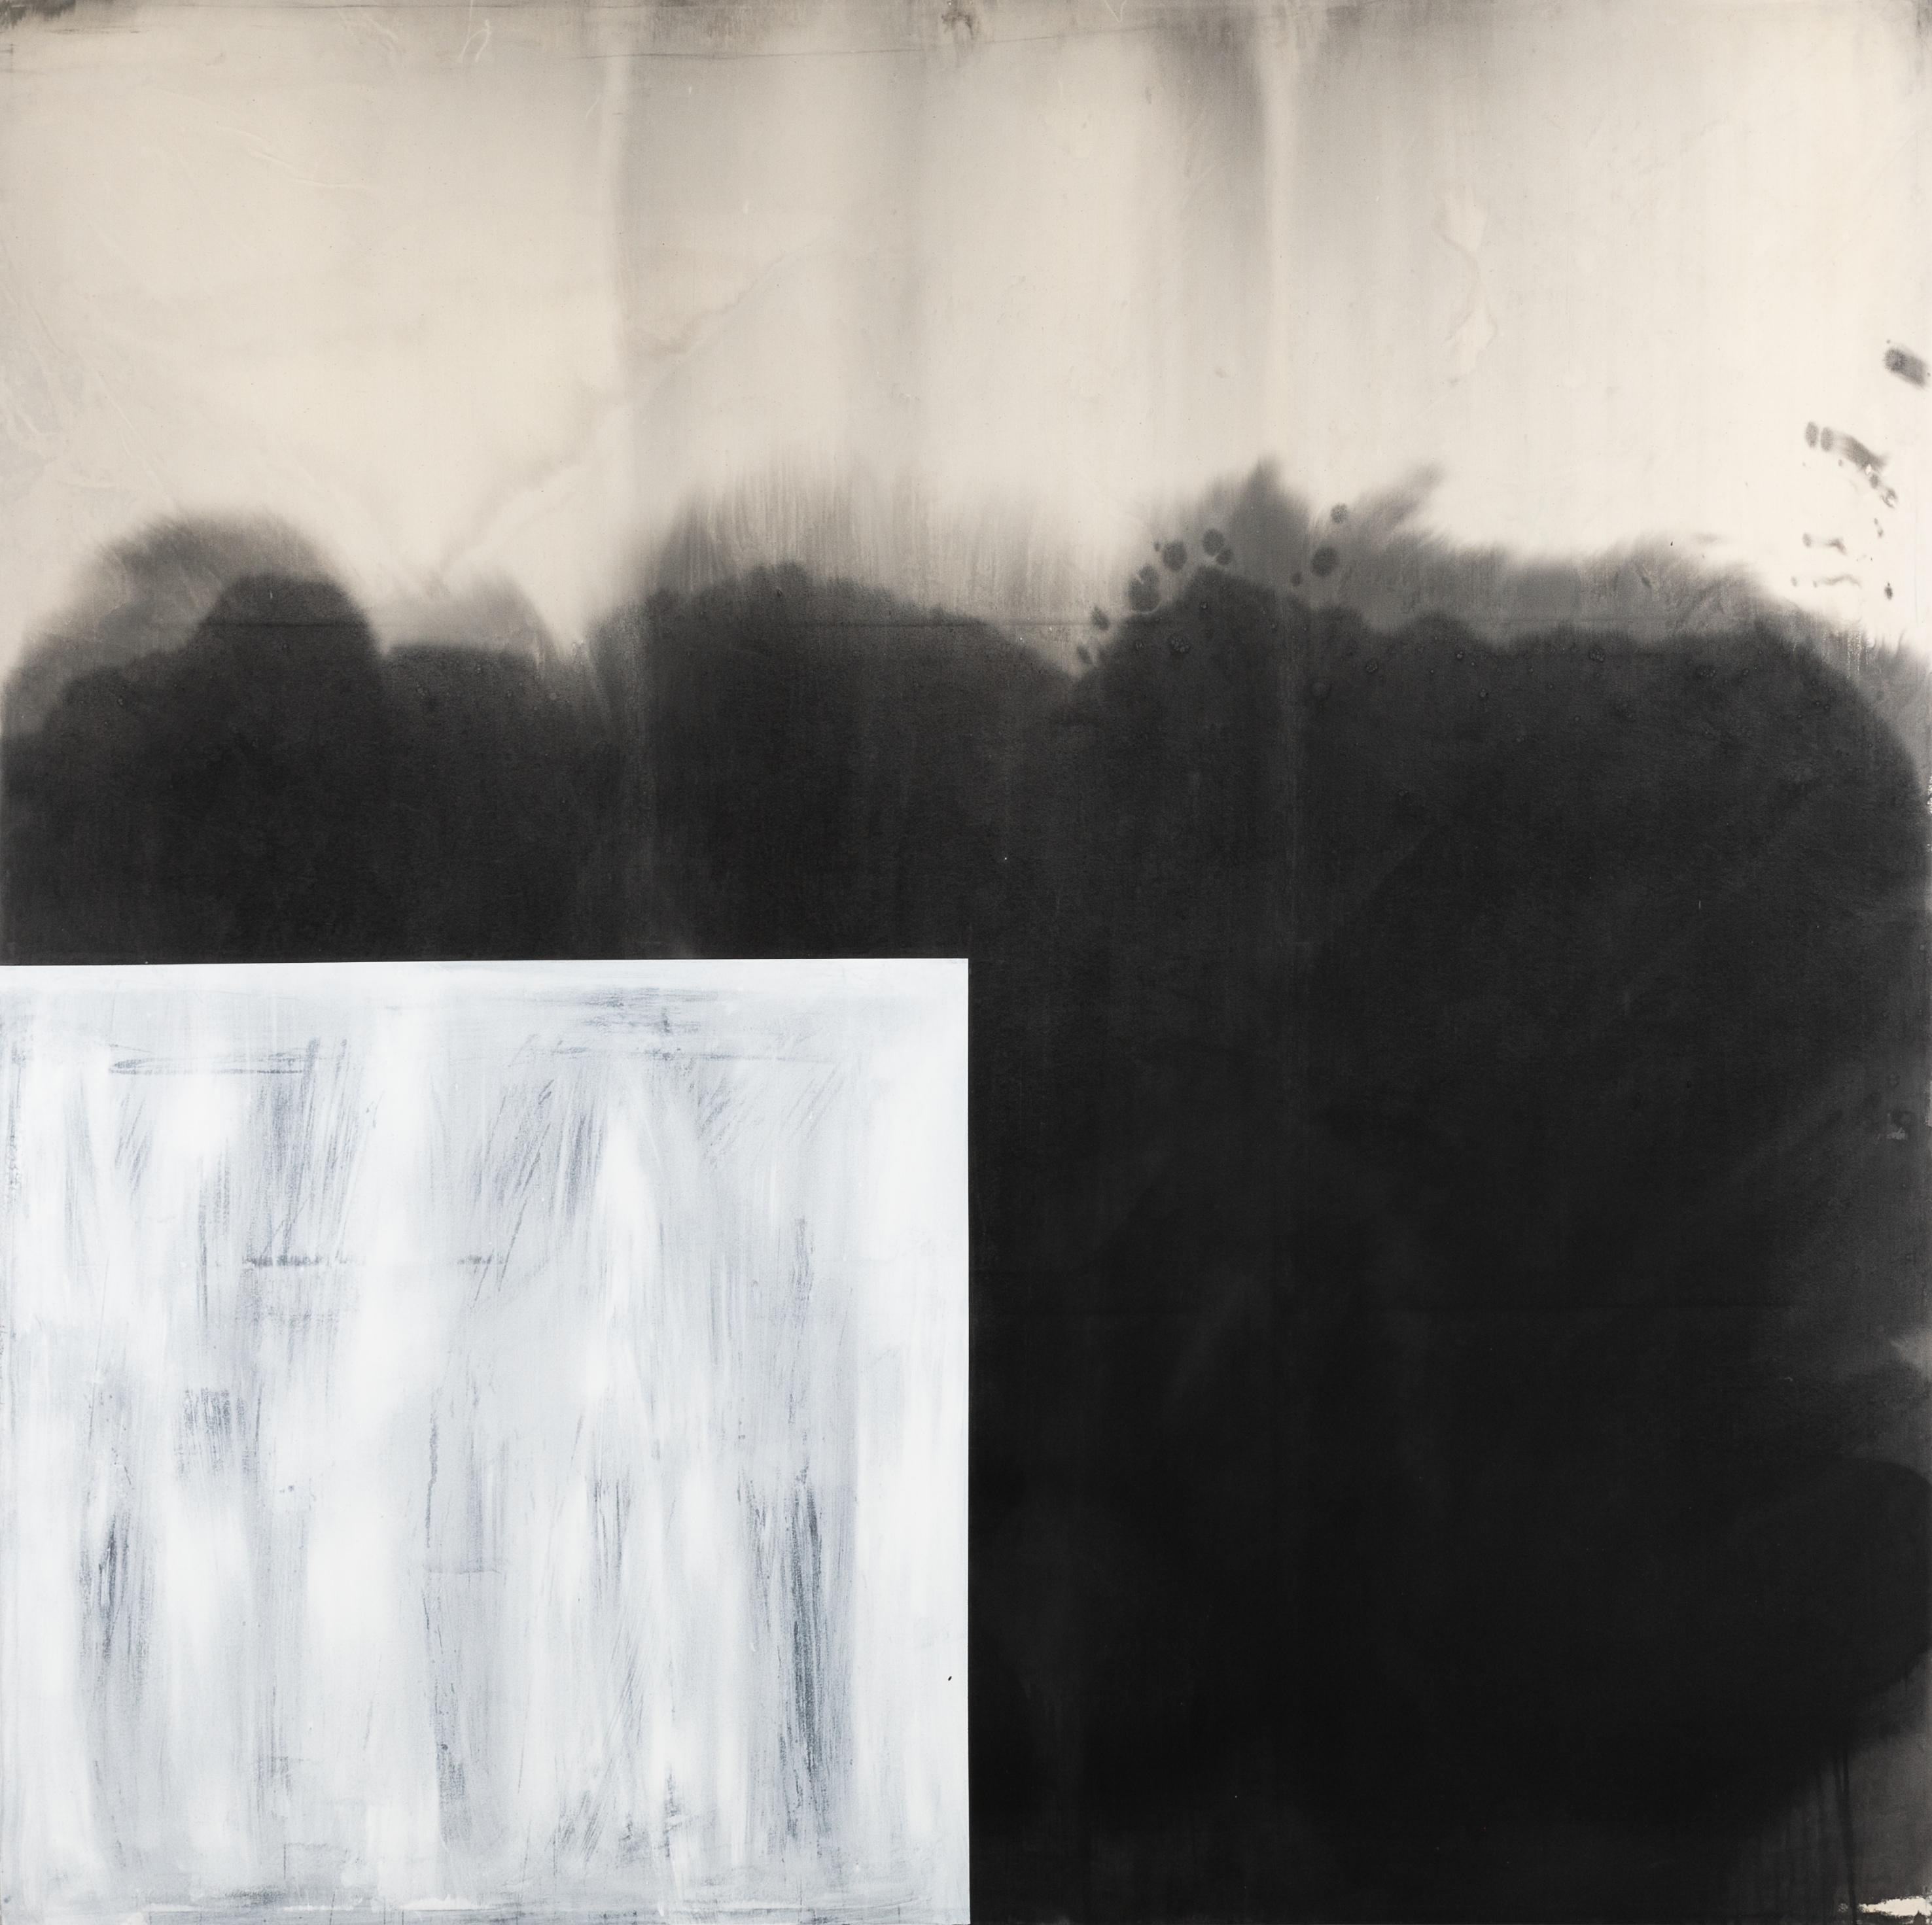 Den Första (The First), 1995 - 1997, Acrylic on canvas, 240 x 240 cm